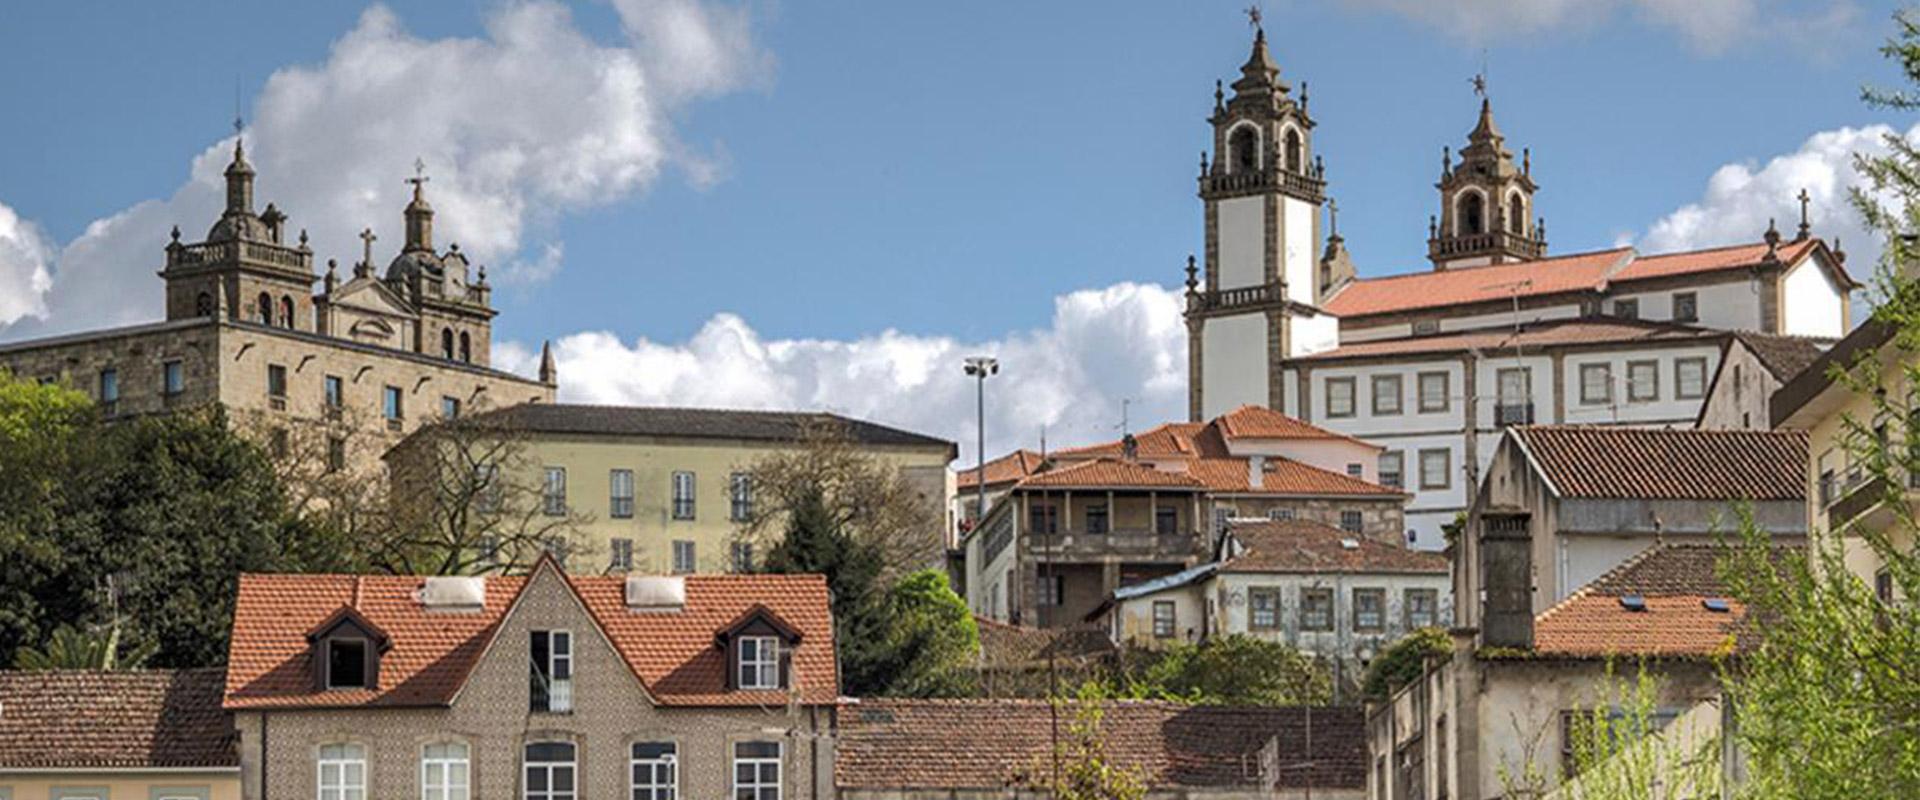 Urban Obras assina novo contrato de franchising em Viseu